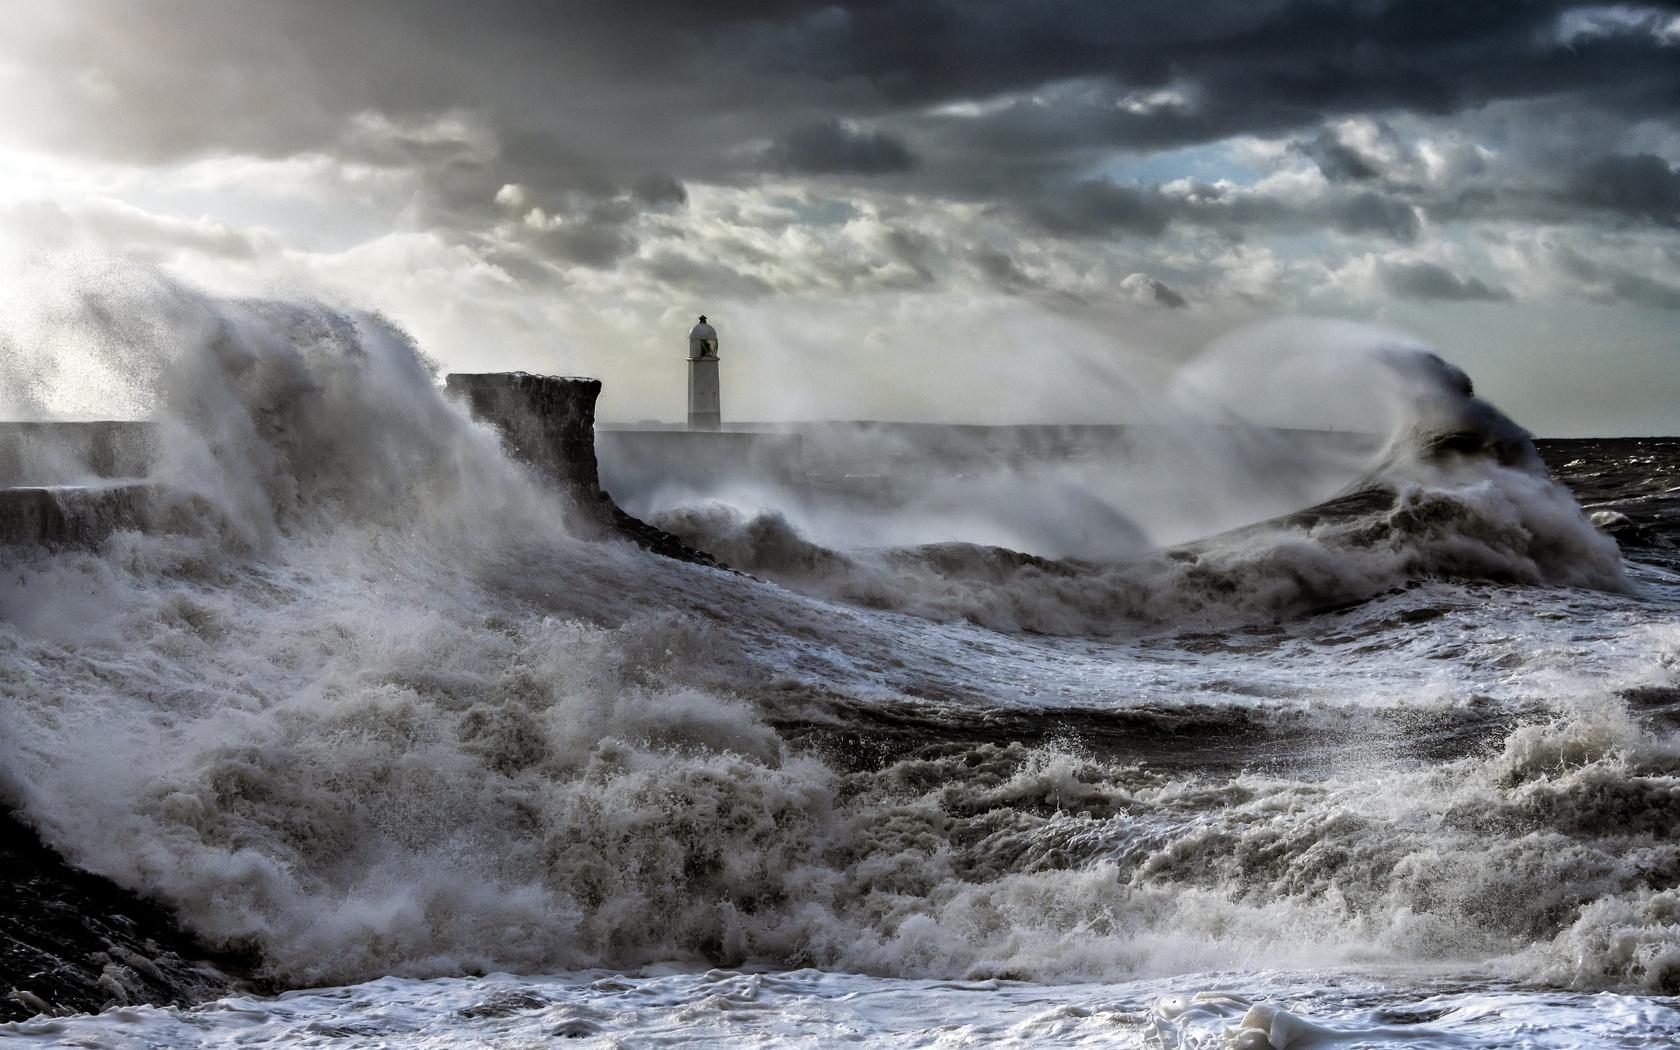 маяк, море, шторм, волны, брызги